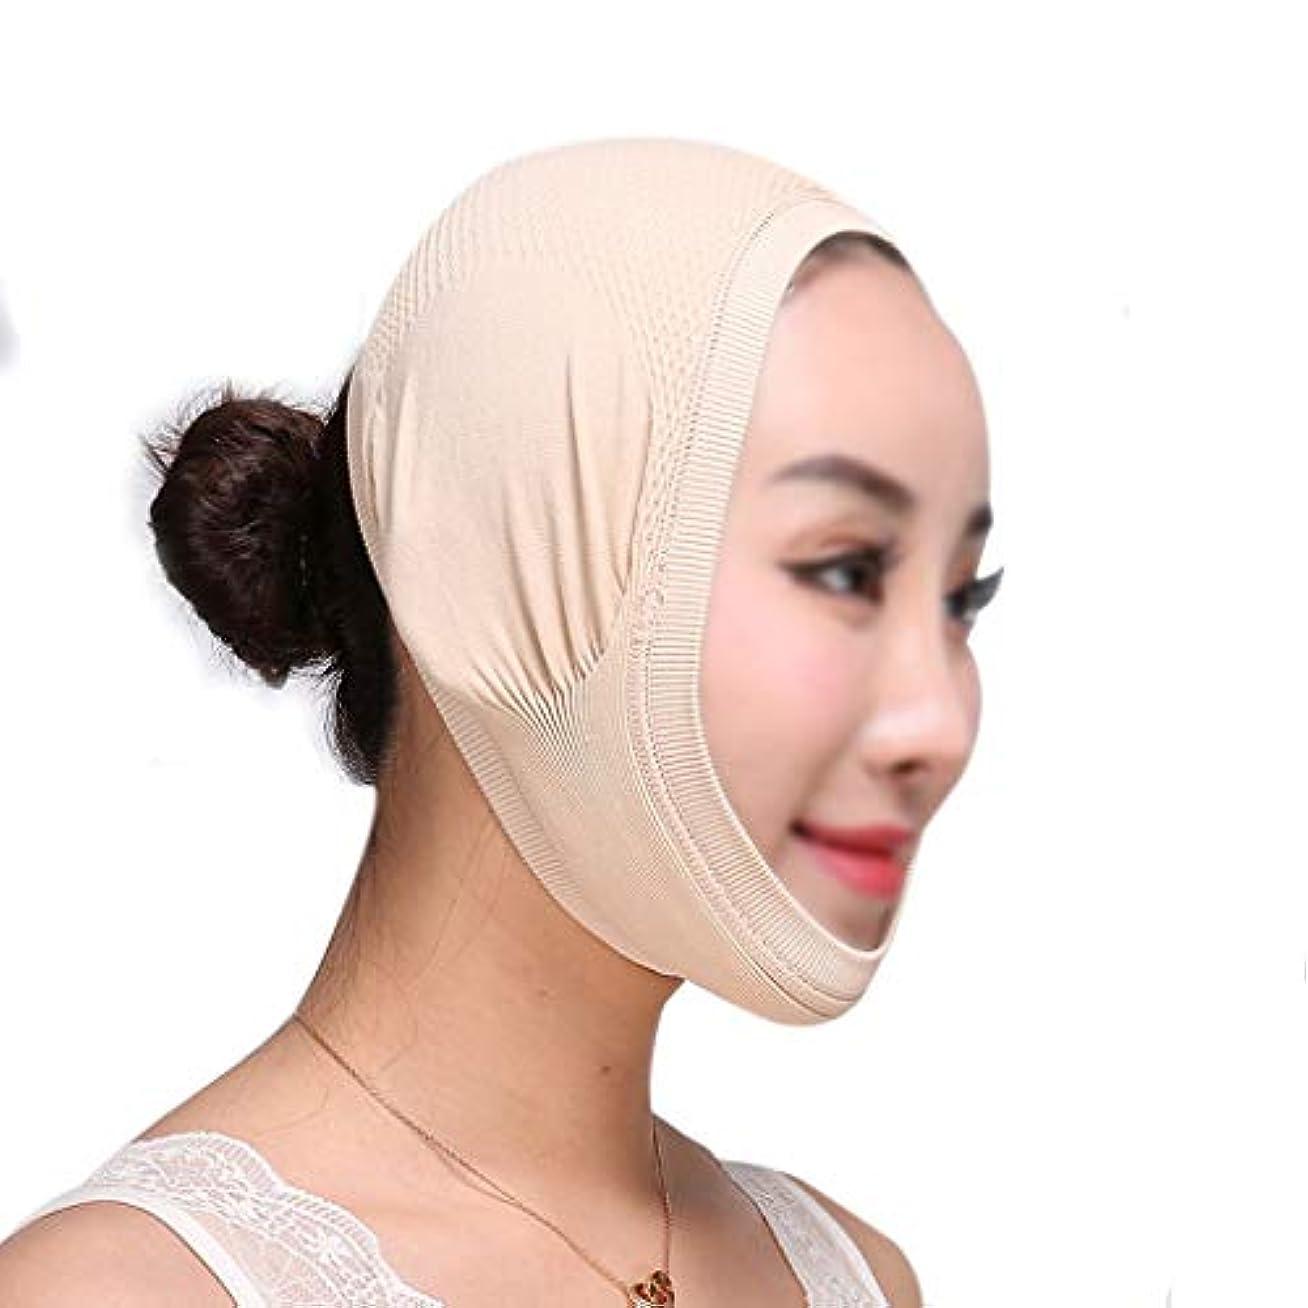 脱臼する通行人項目XHLMRMJ 整形外科病院ライン彫刻術後回復ヘッドギア医療マスク睡眠vフェイスリフティング包帯薄いフェイスマスク (Size : Skin tone(B))